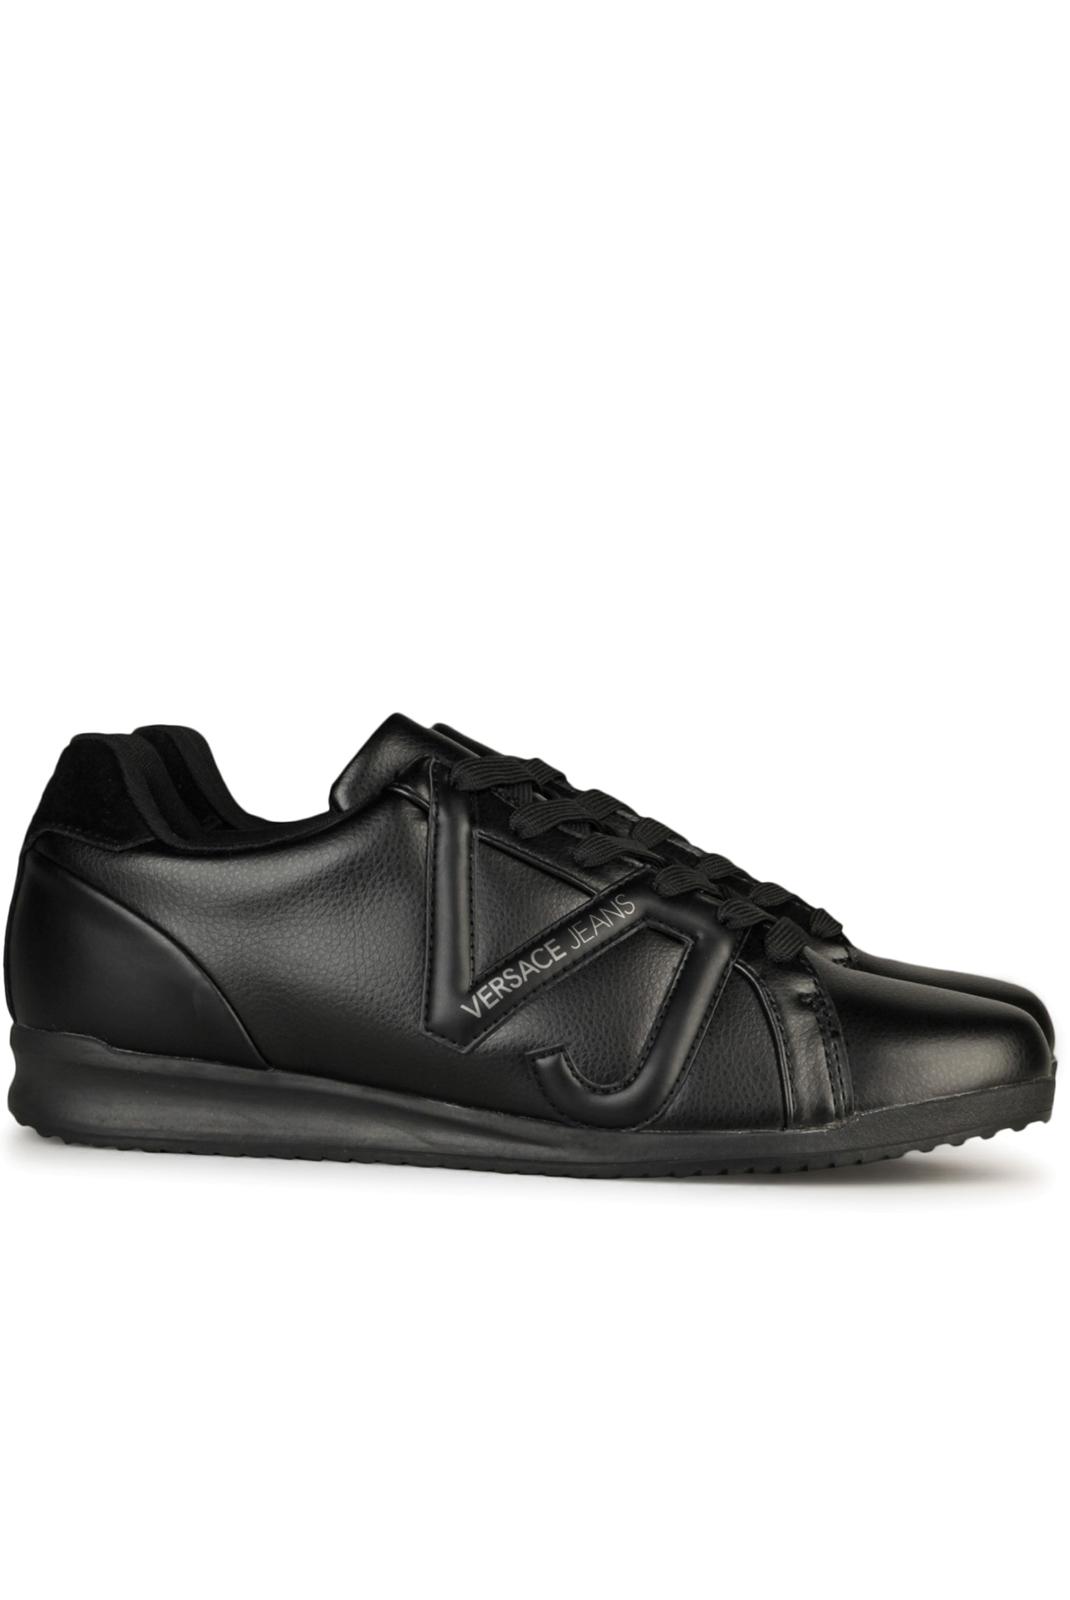 Baskets / Sport  Versace Jeans YSBSC2 899 black